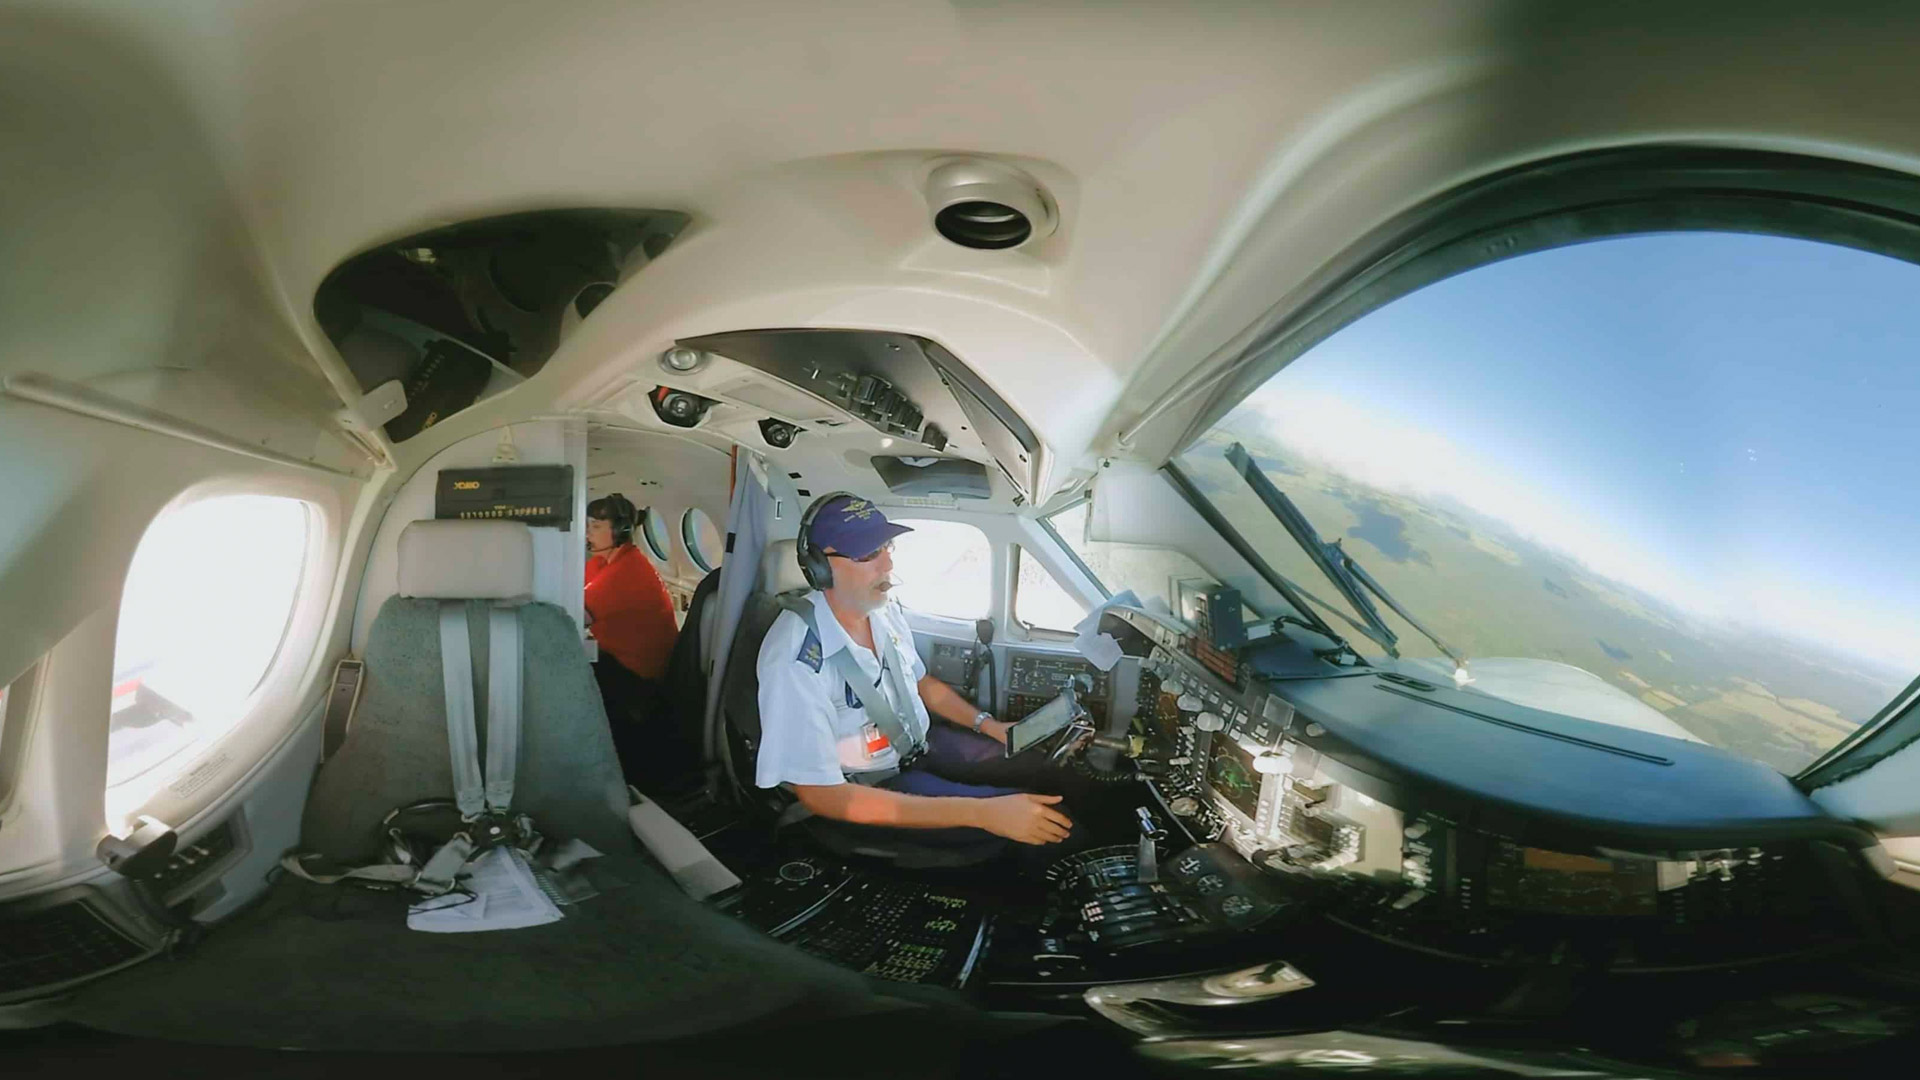 Royal Flying Doctors Service - Karen's Story in VR